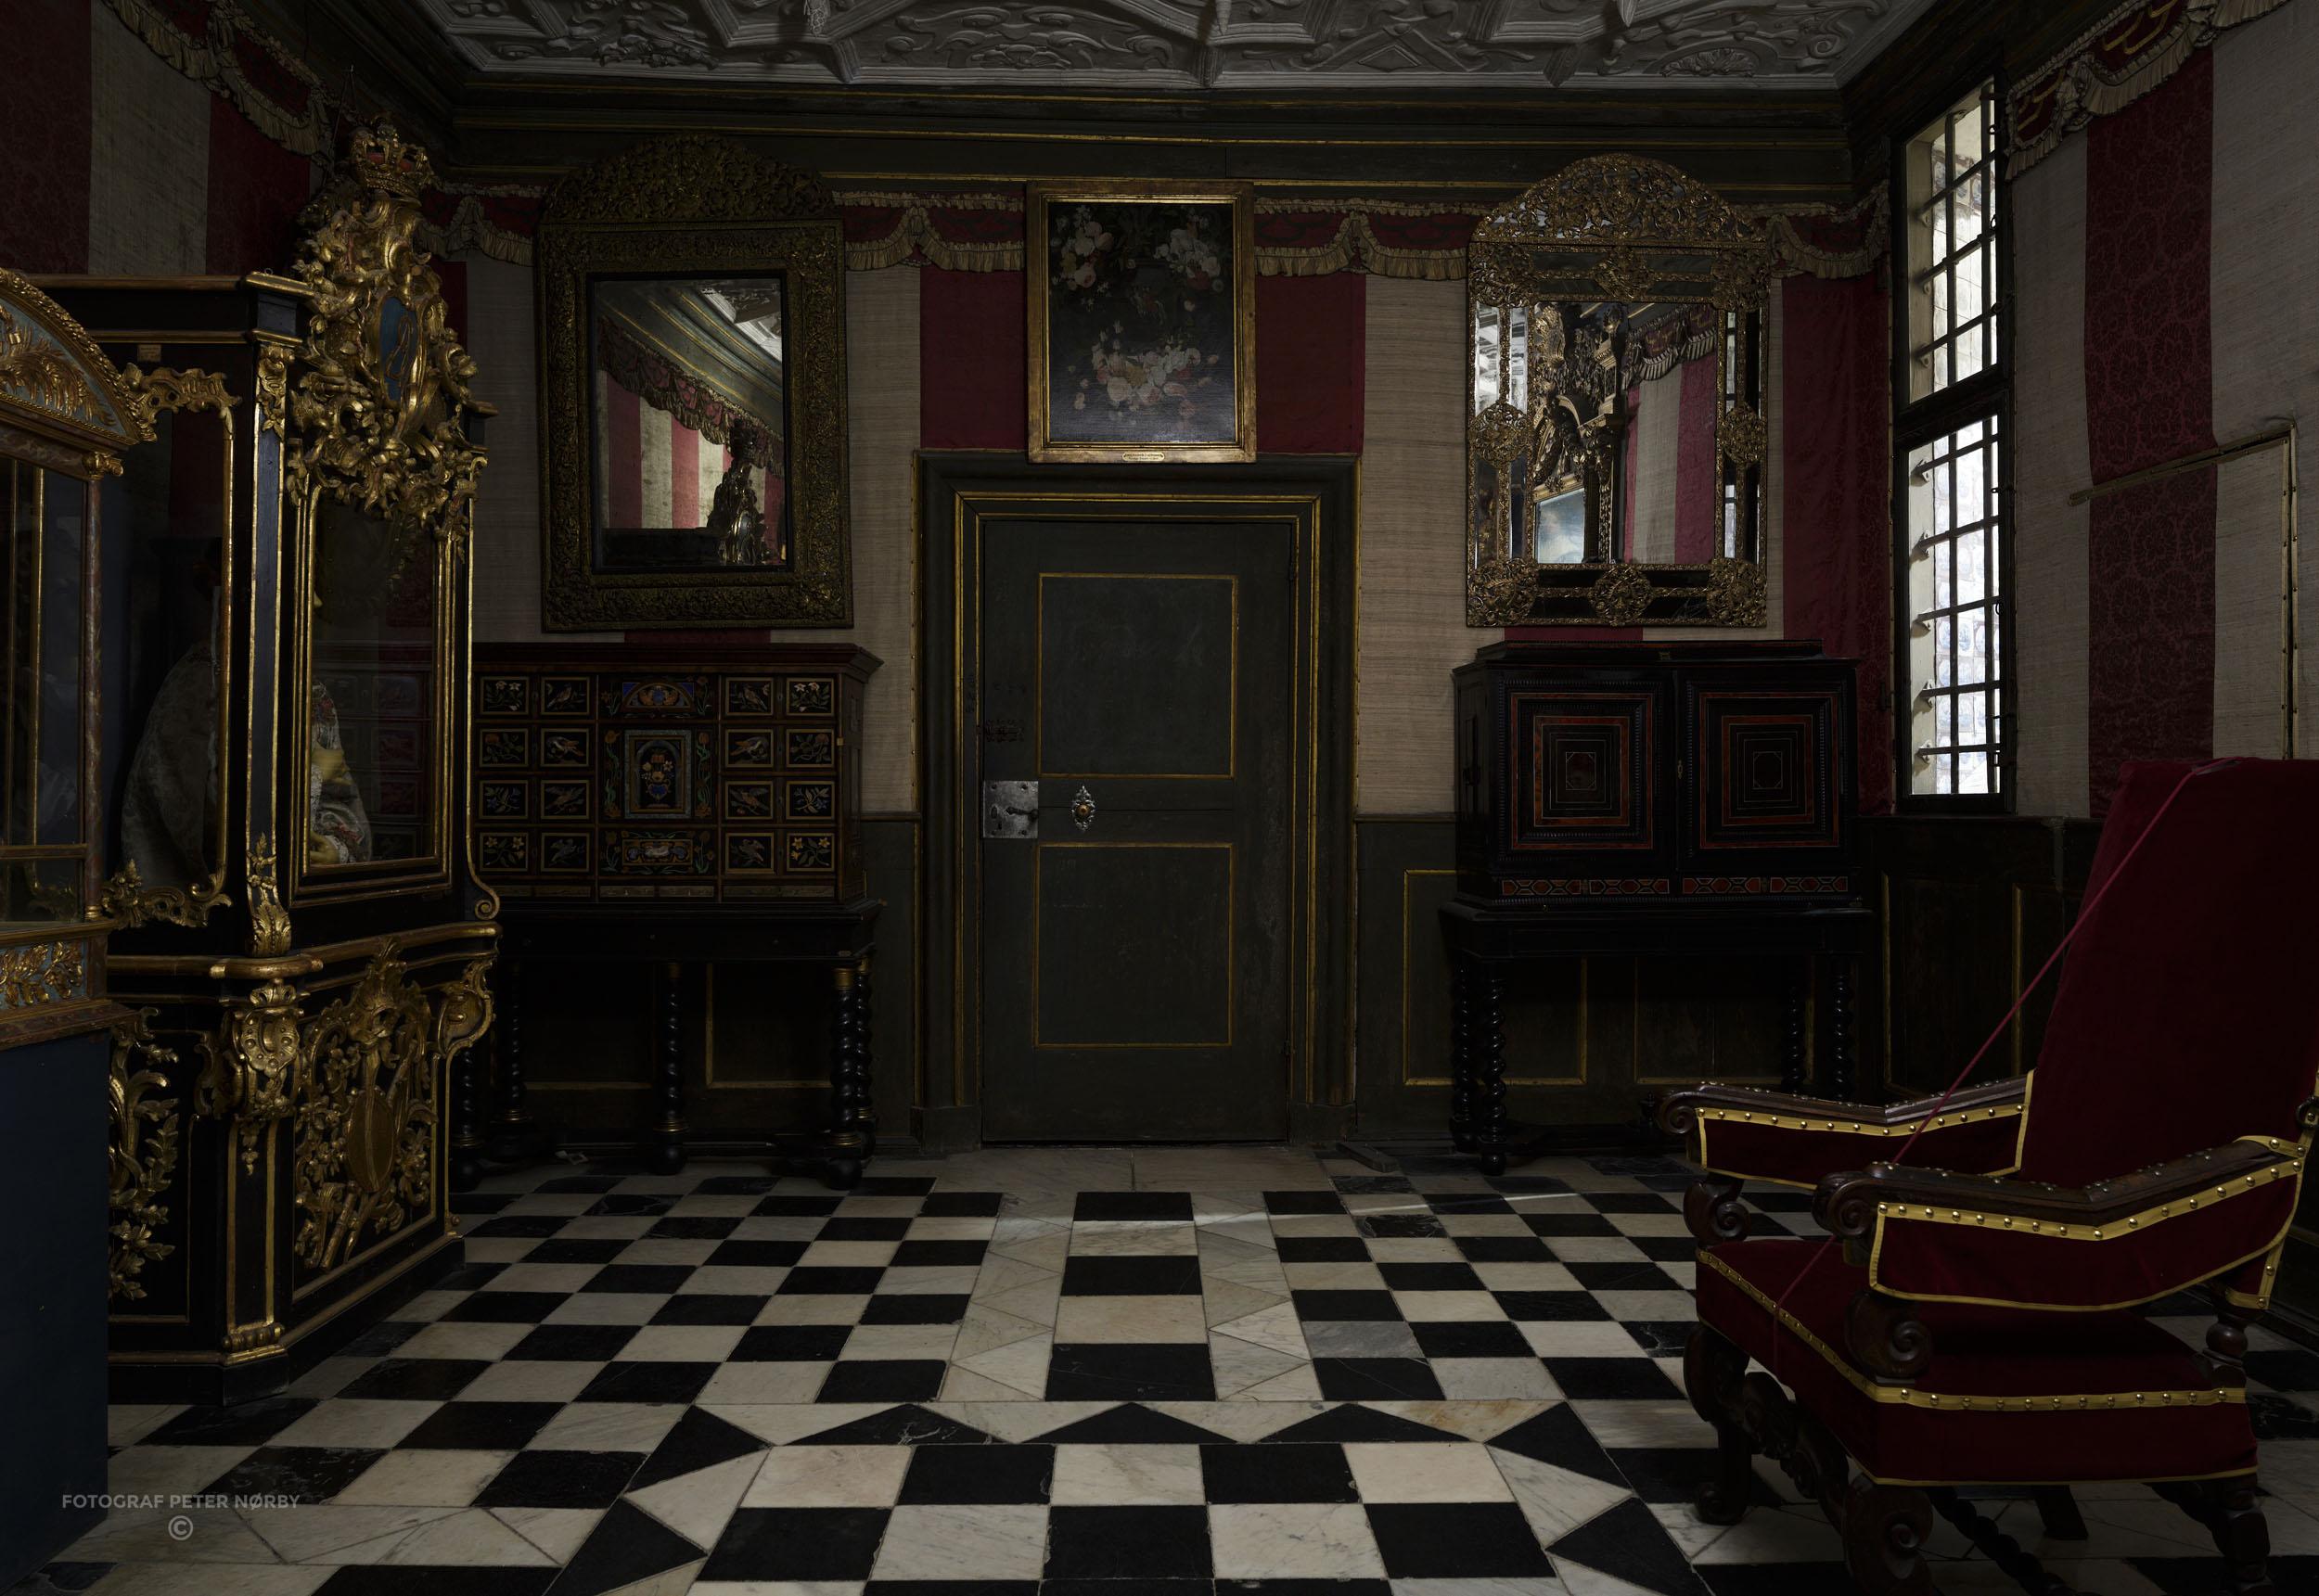 Rosenborg_Room4_03.jpg